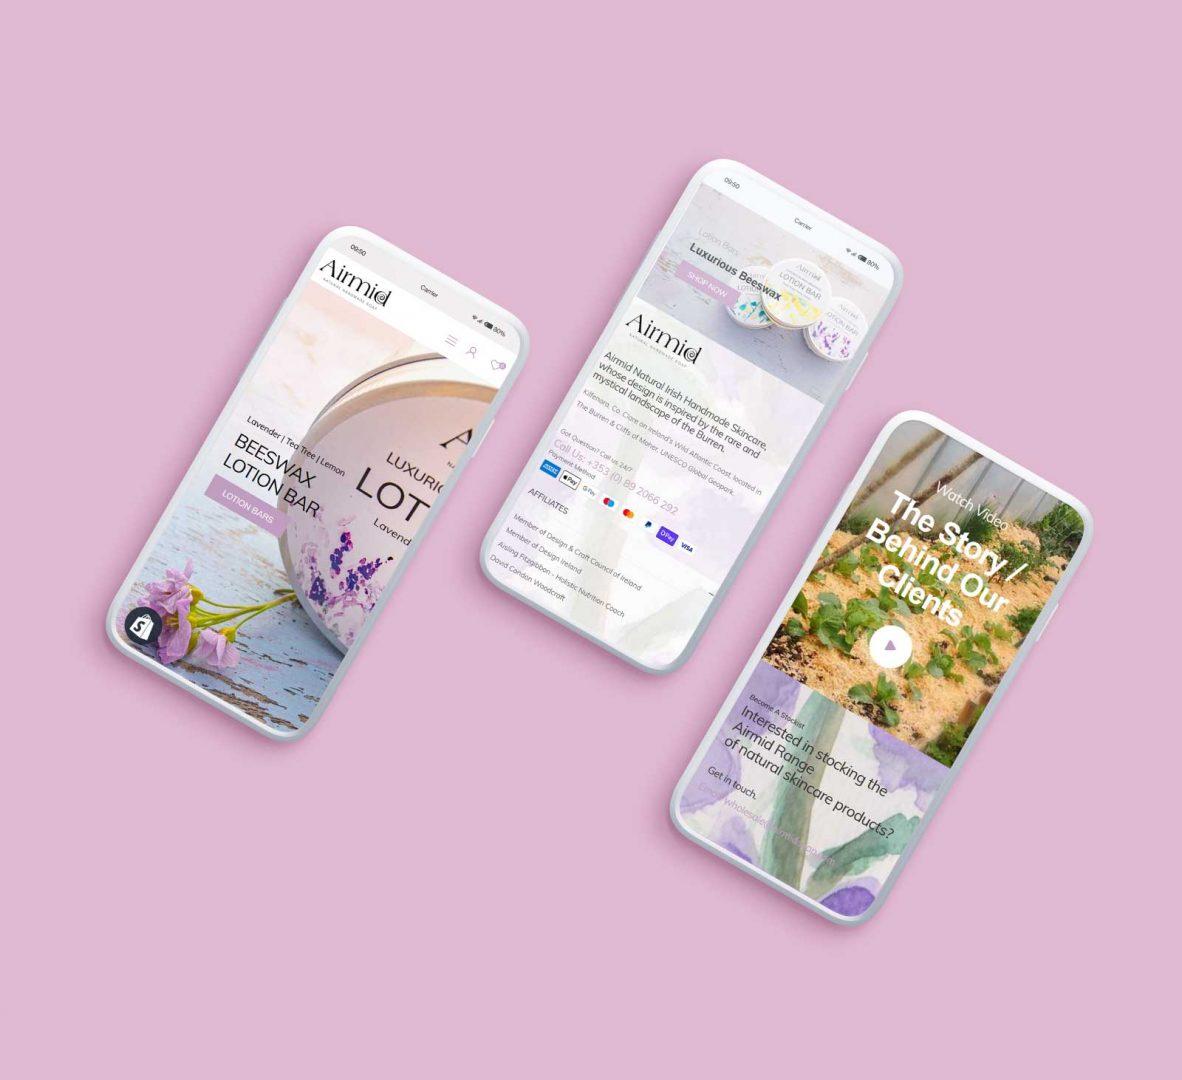 UI Design & Display On Three Smart Phones